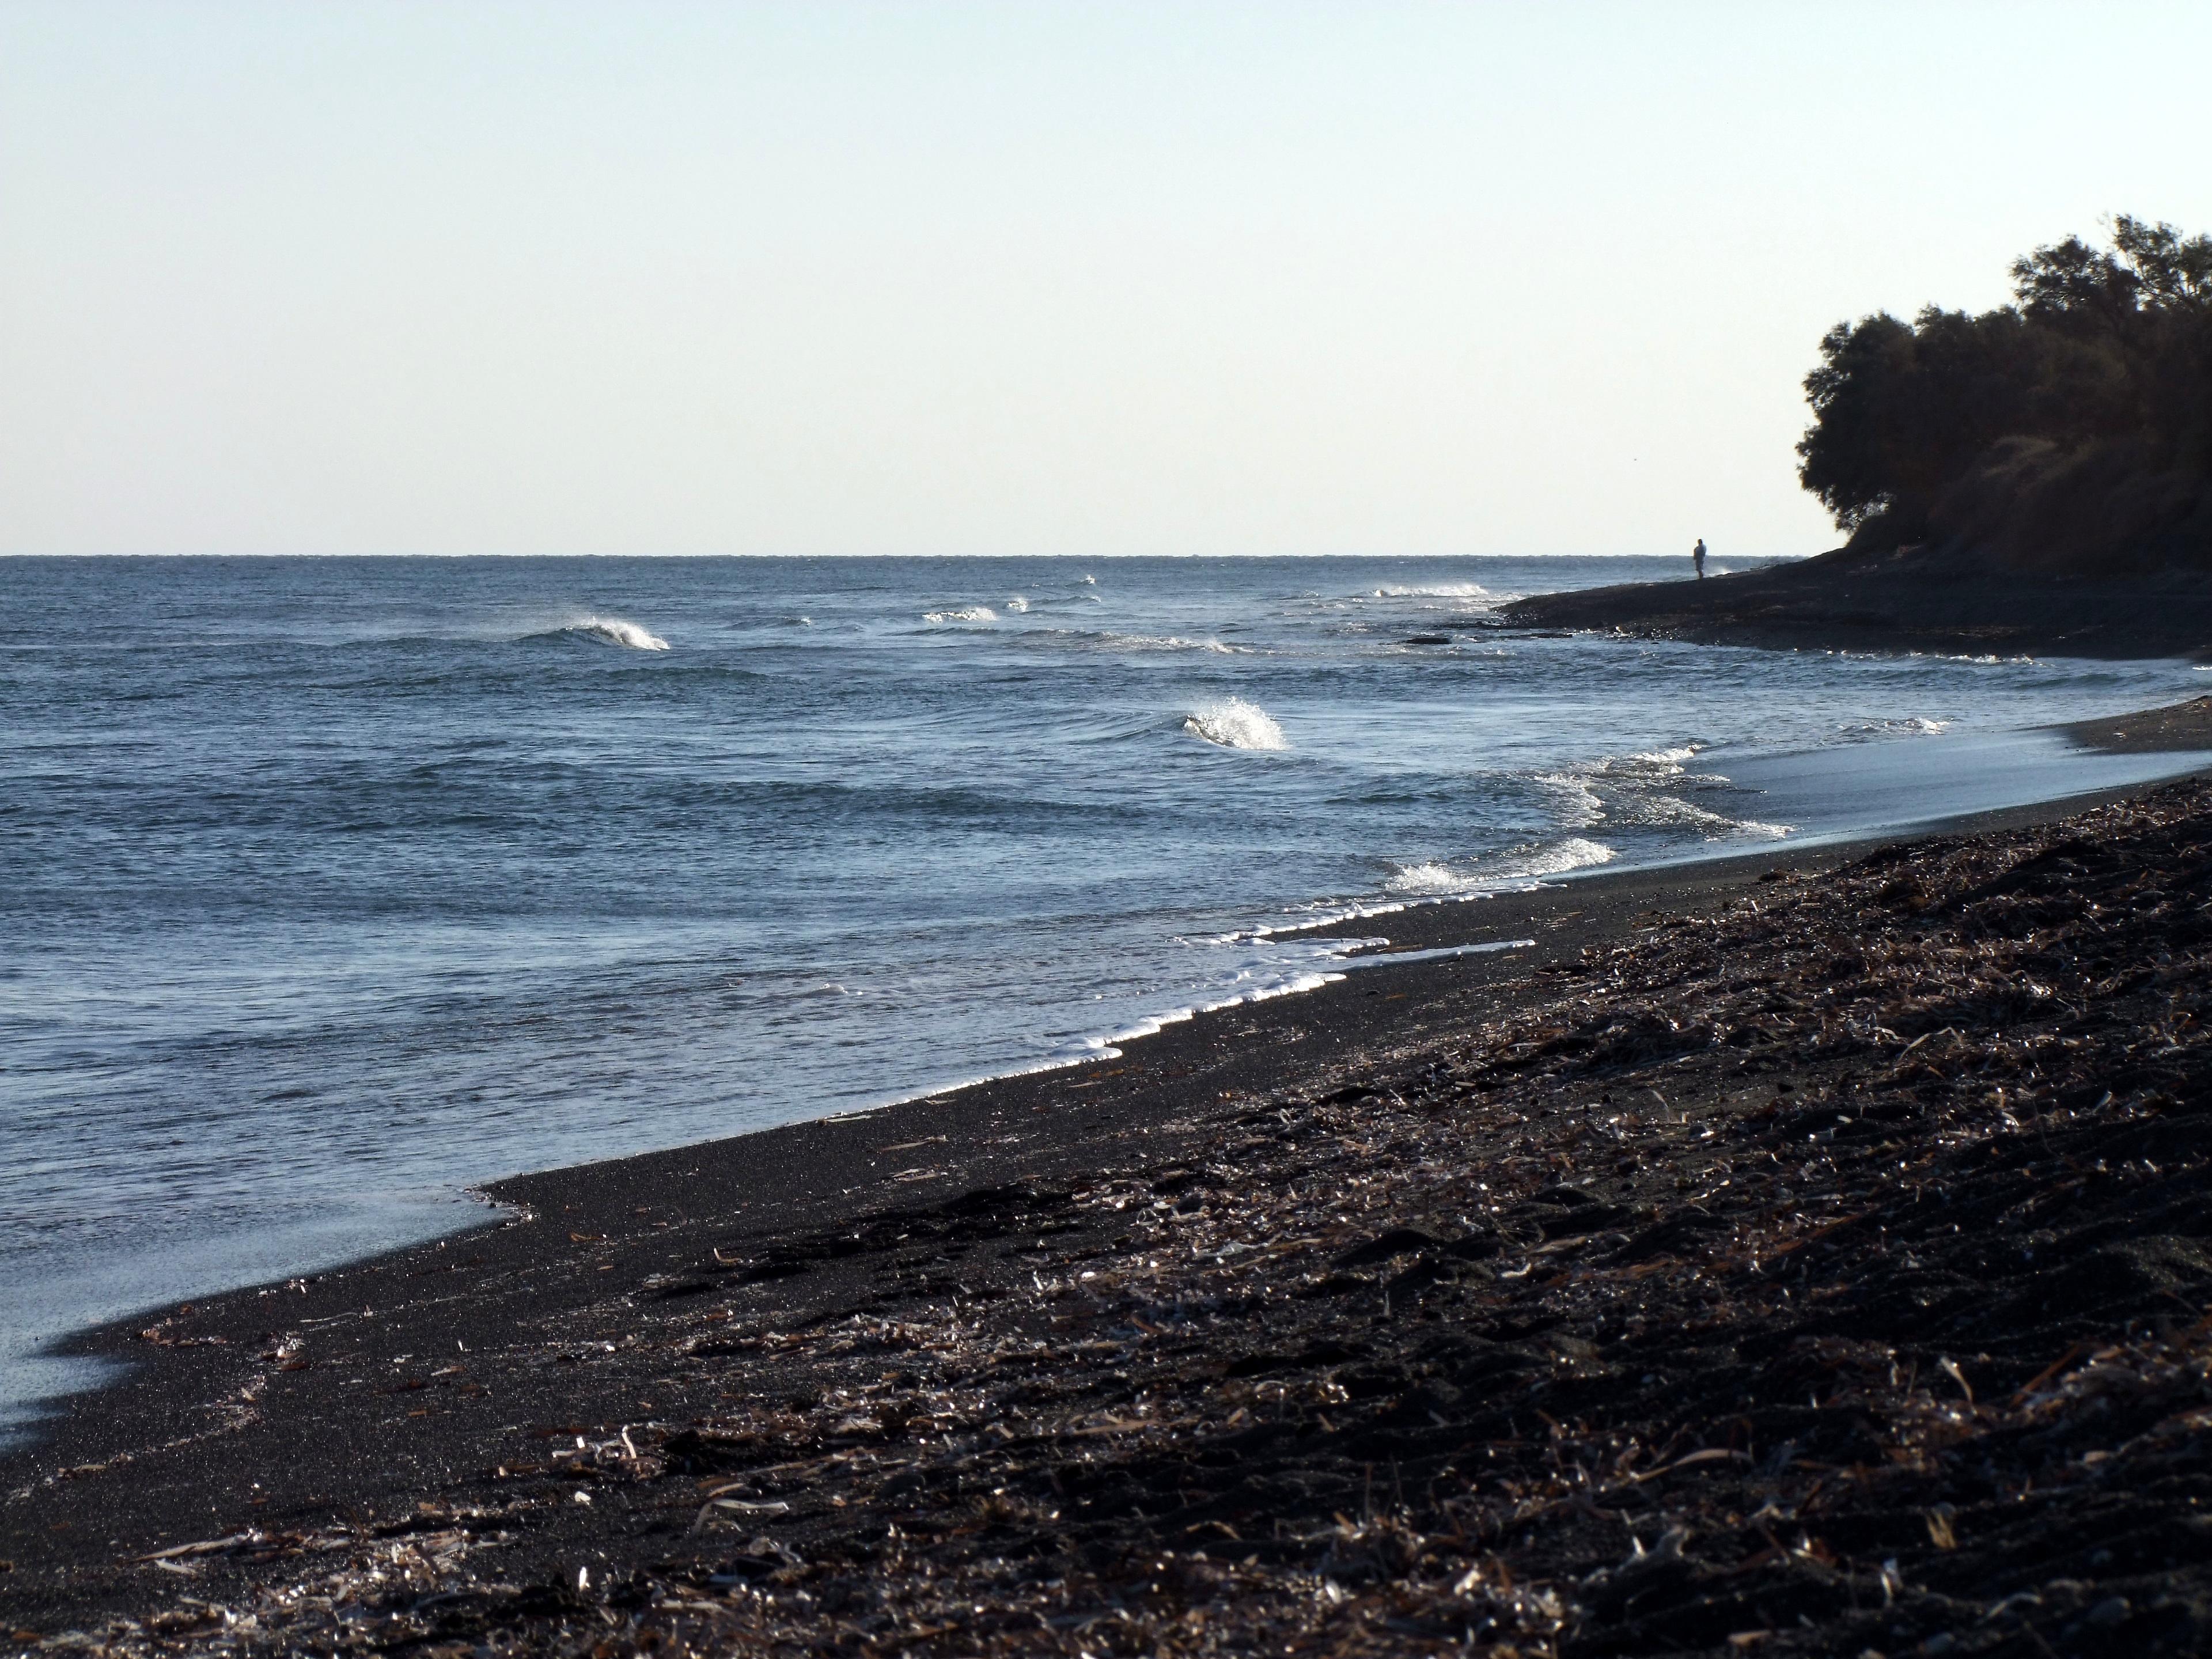 Beach Sea Coast Rock Ocean Horizon